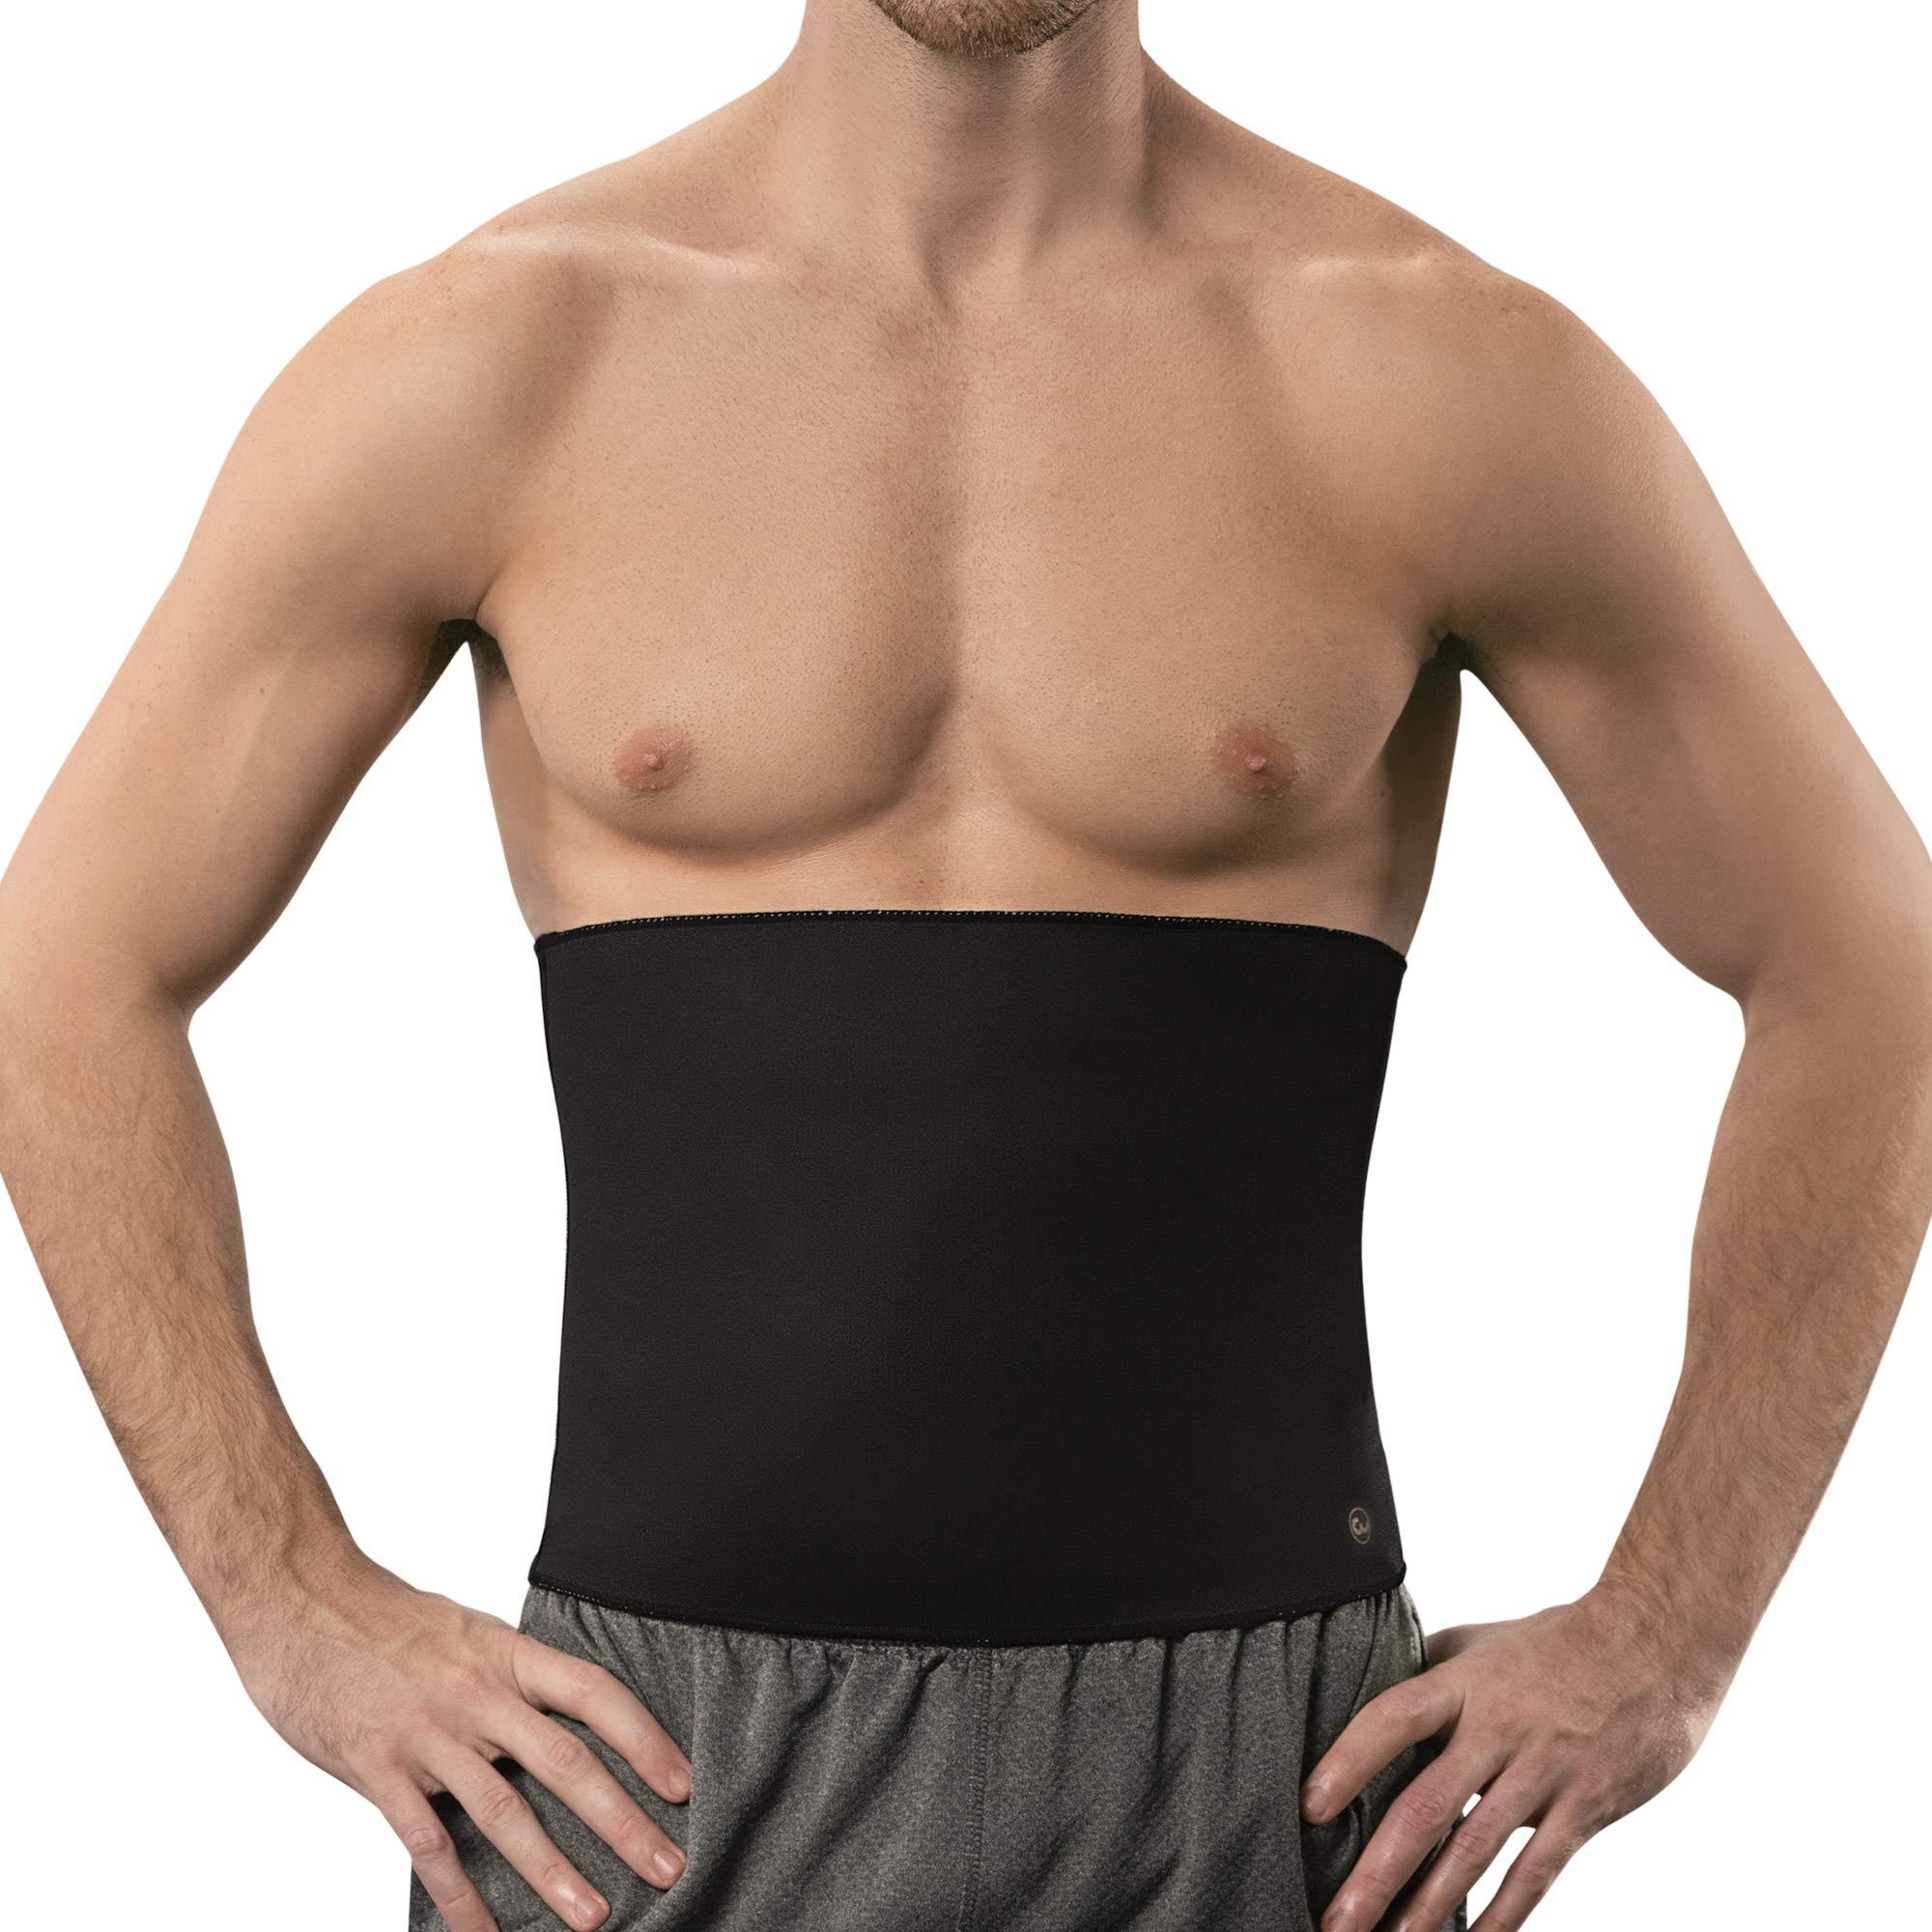 Copper Slim Sweat Belt for Men - Copper Infused Waist Trimmer Belt (Black, M)